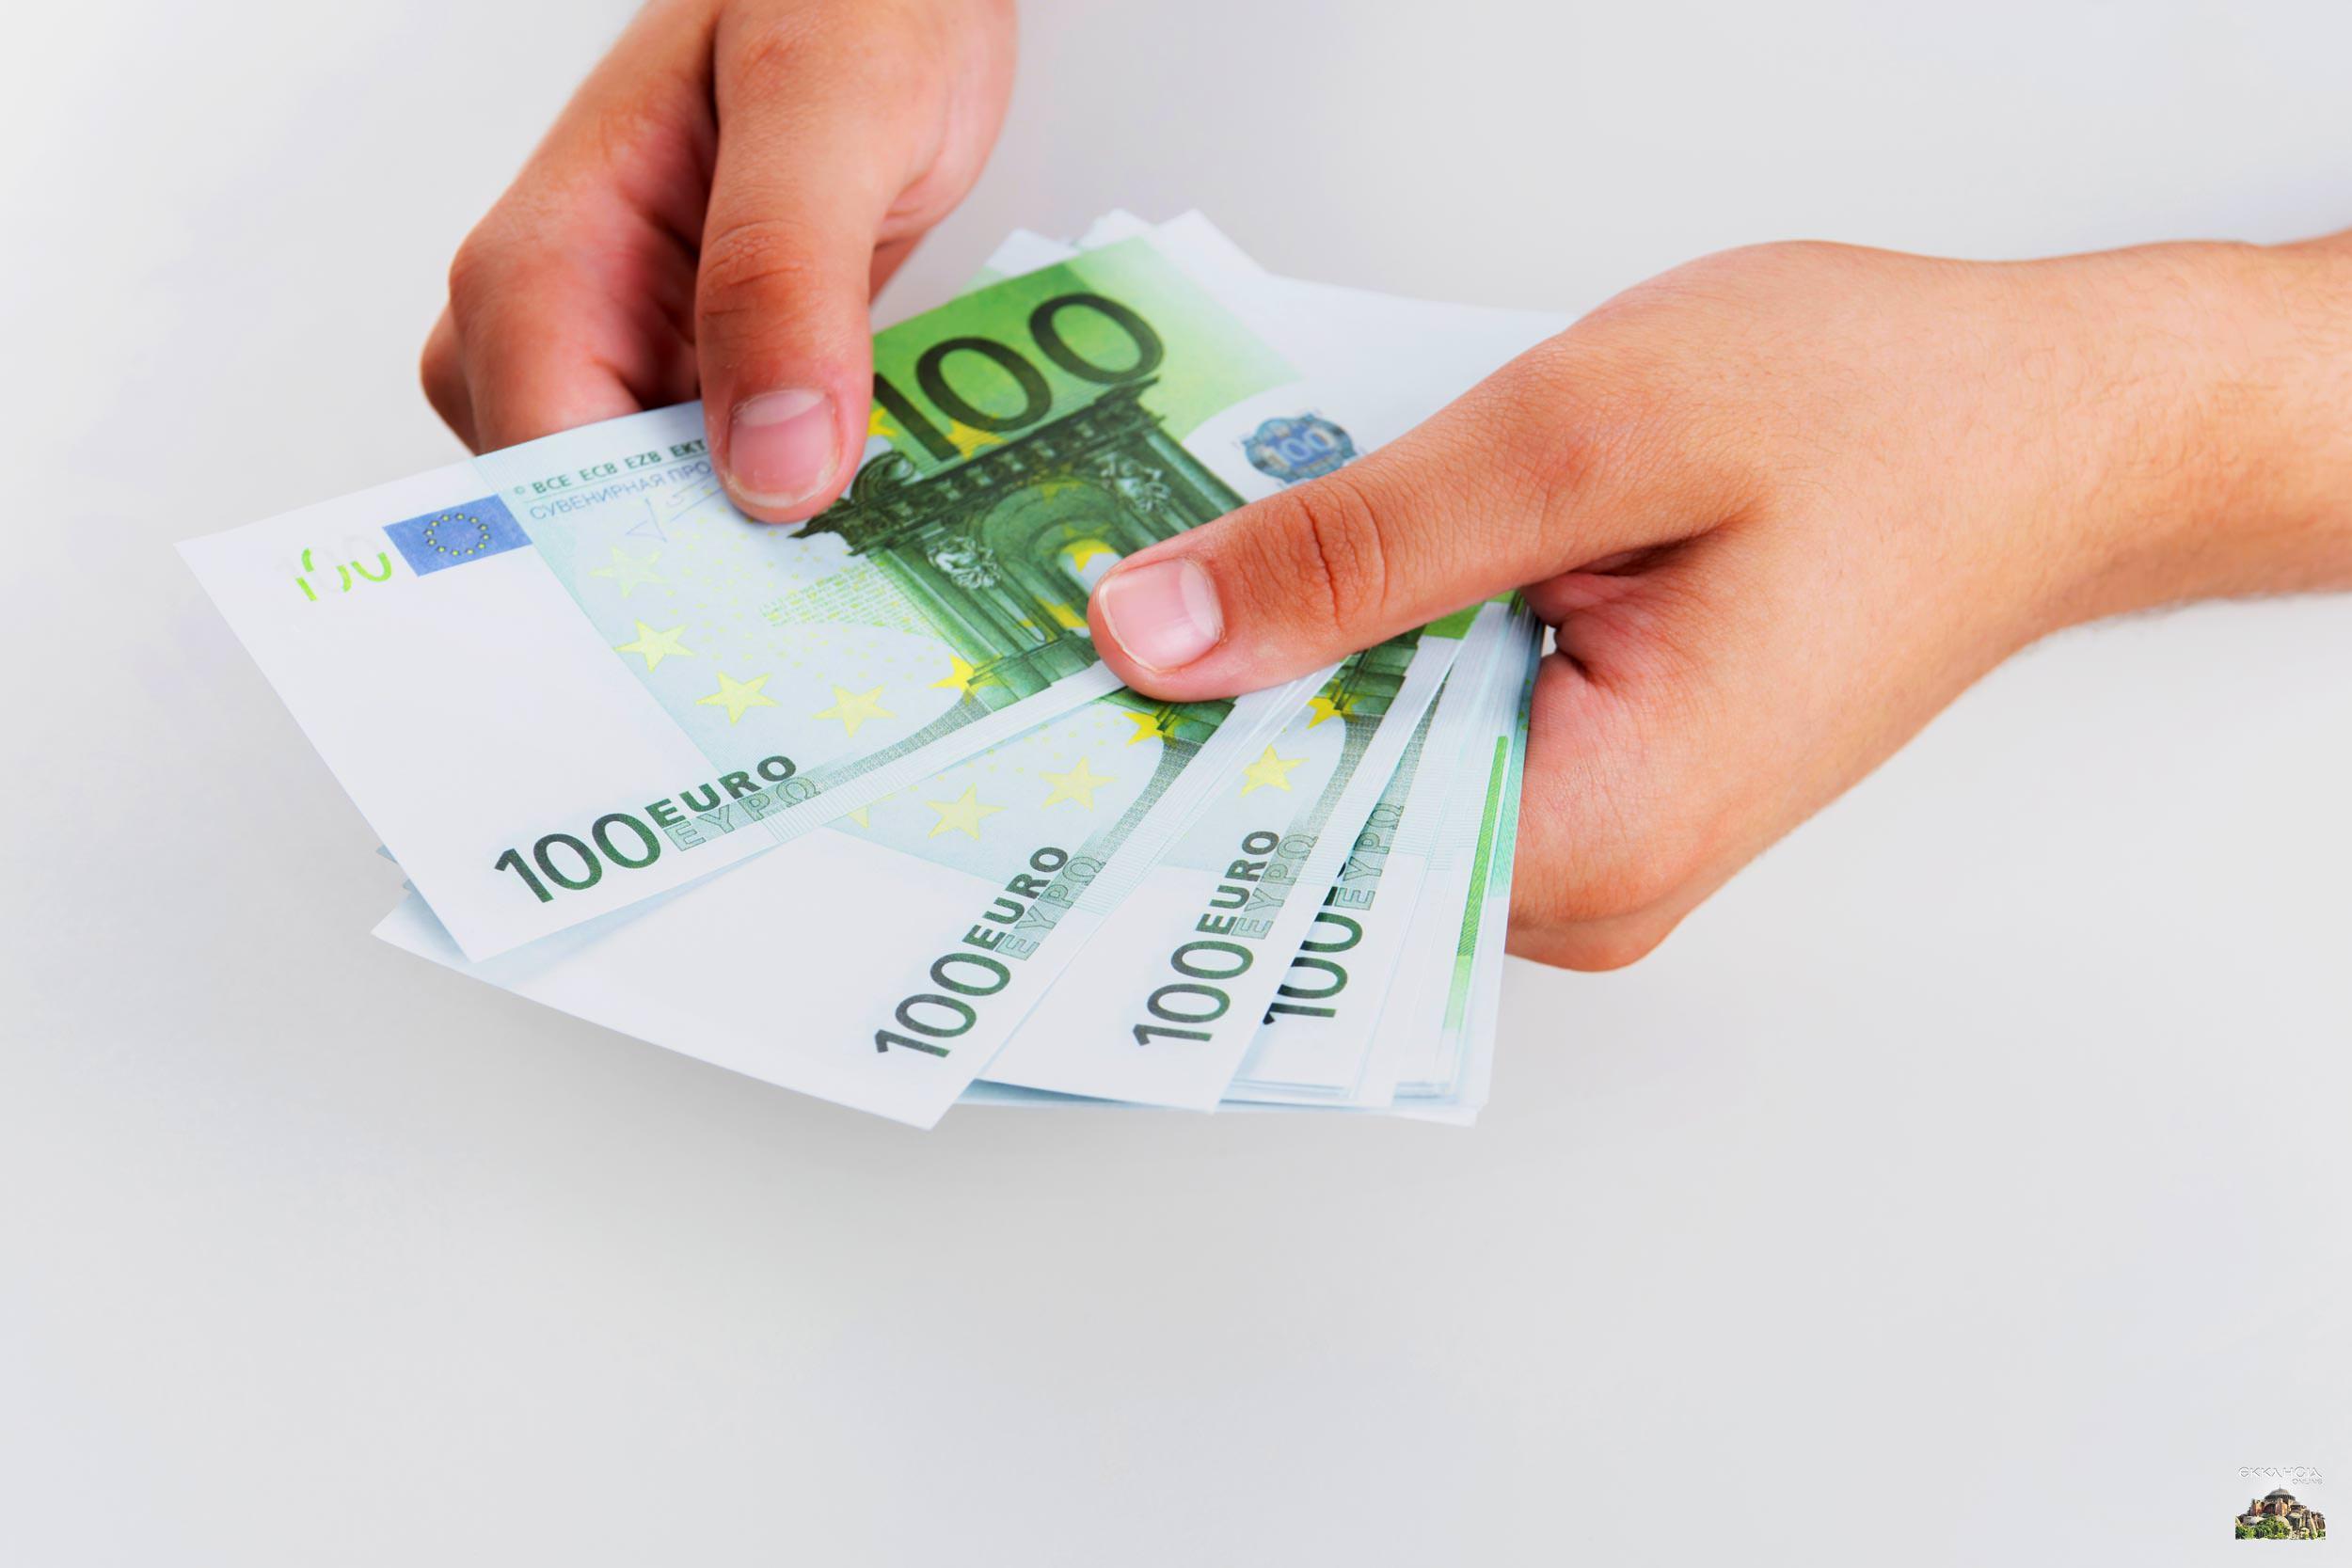 επιδόματα πληρωμές μετρητά